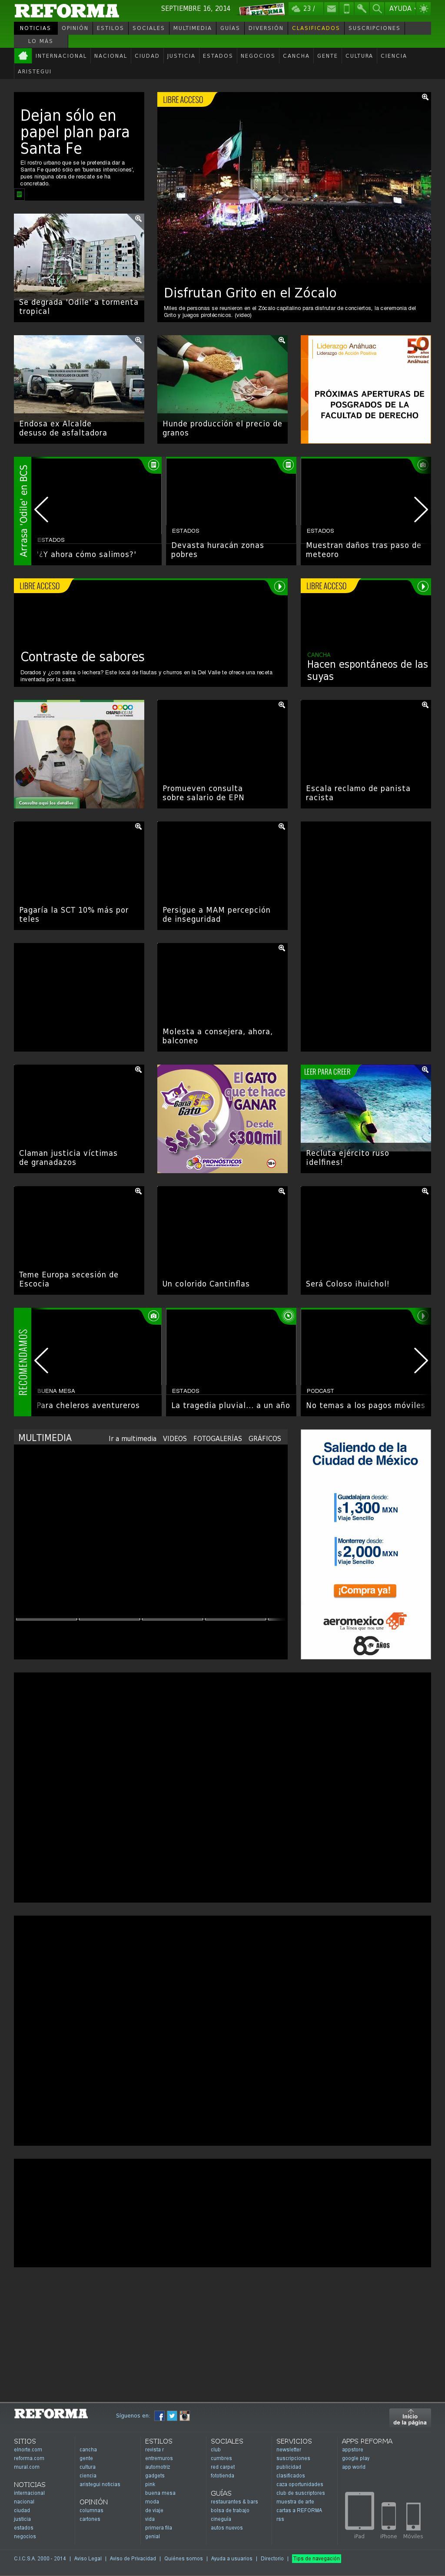 Reforma.com at Tuesday Sept. 16, 2014, 12:13 p.m. UTC